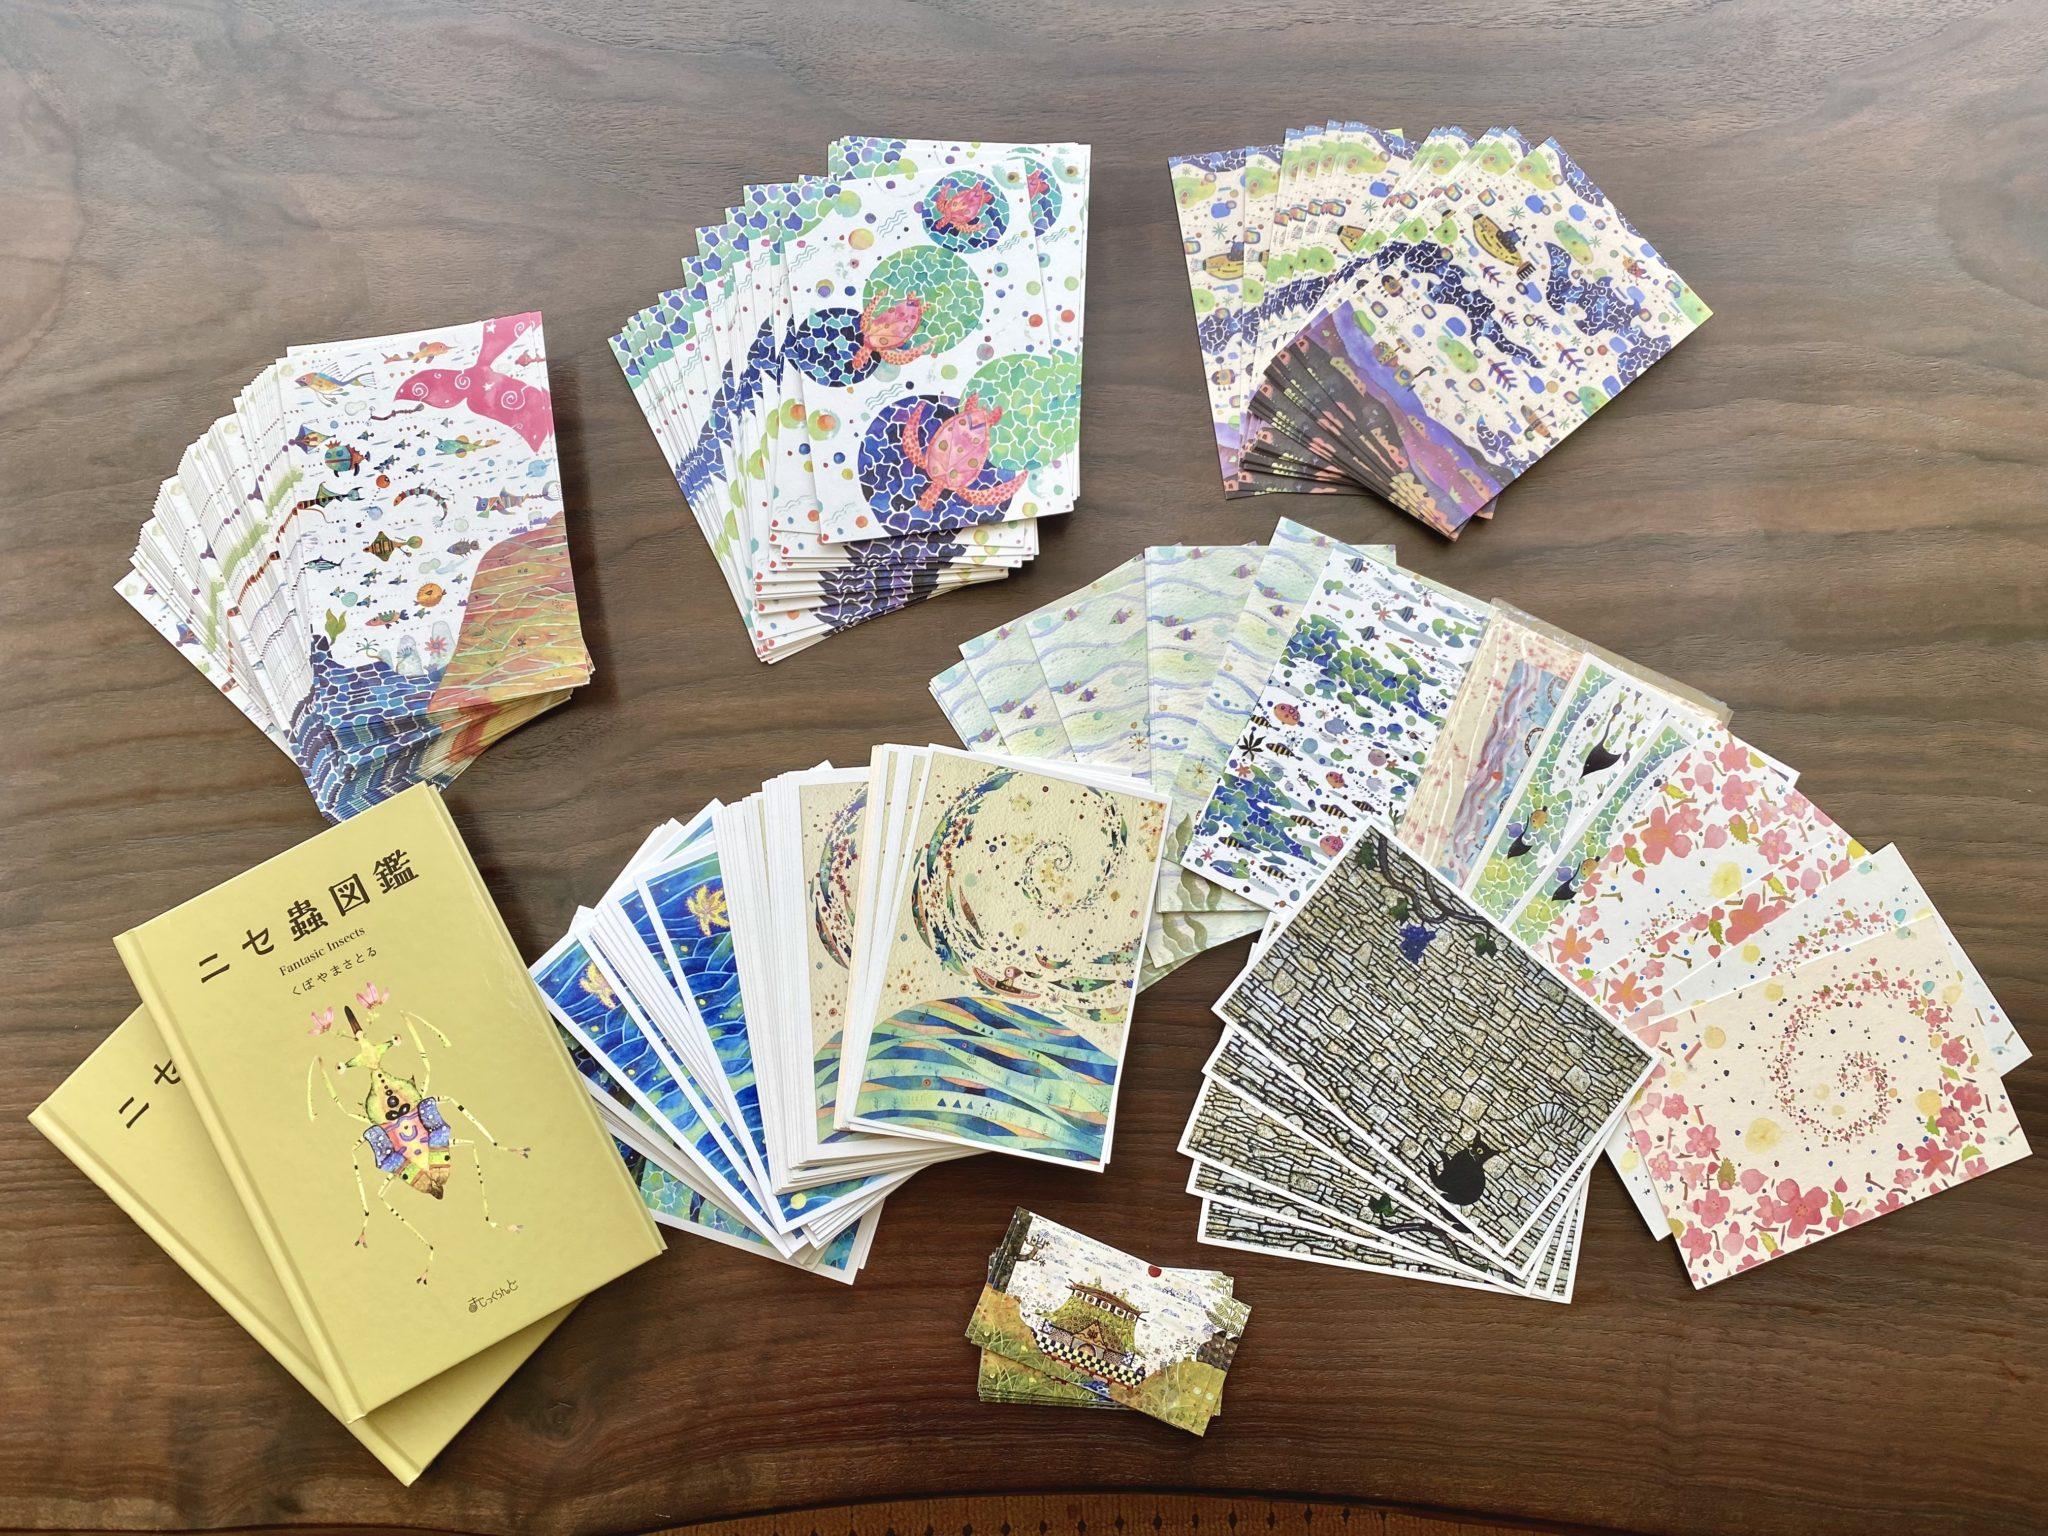 人気のポストカードを中心に選ばせていただきました♩